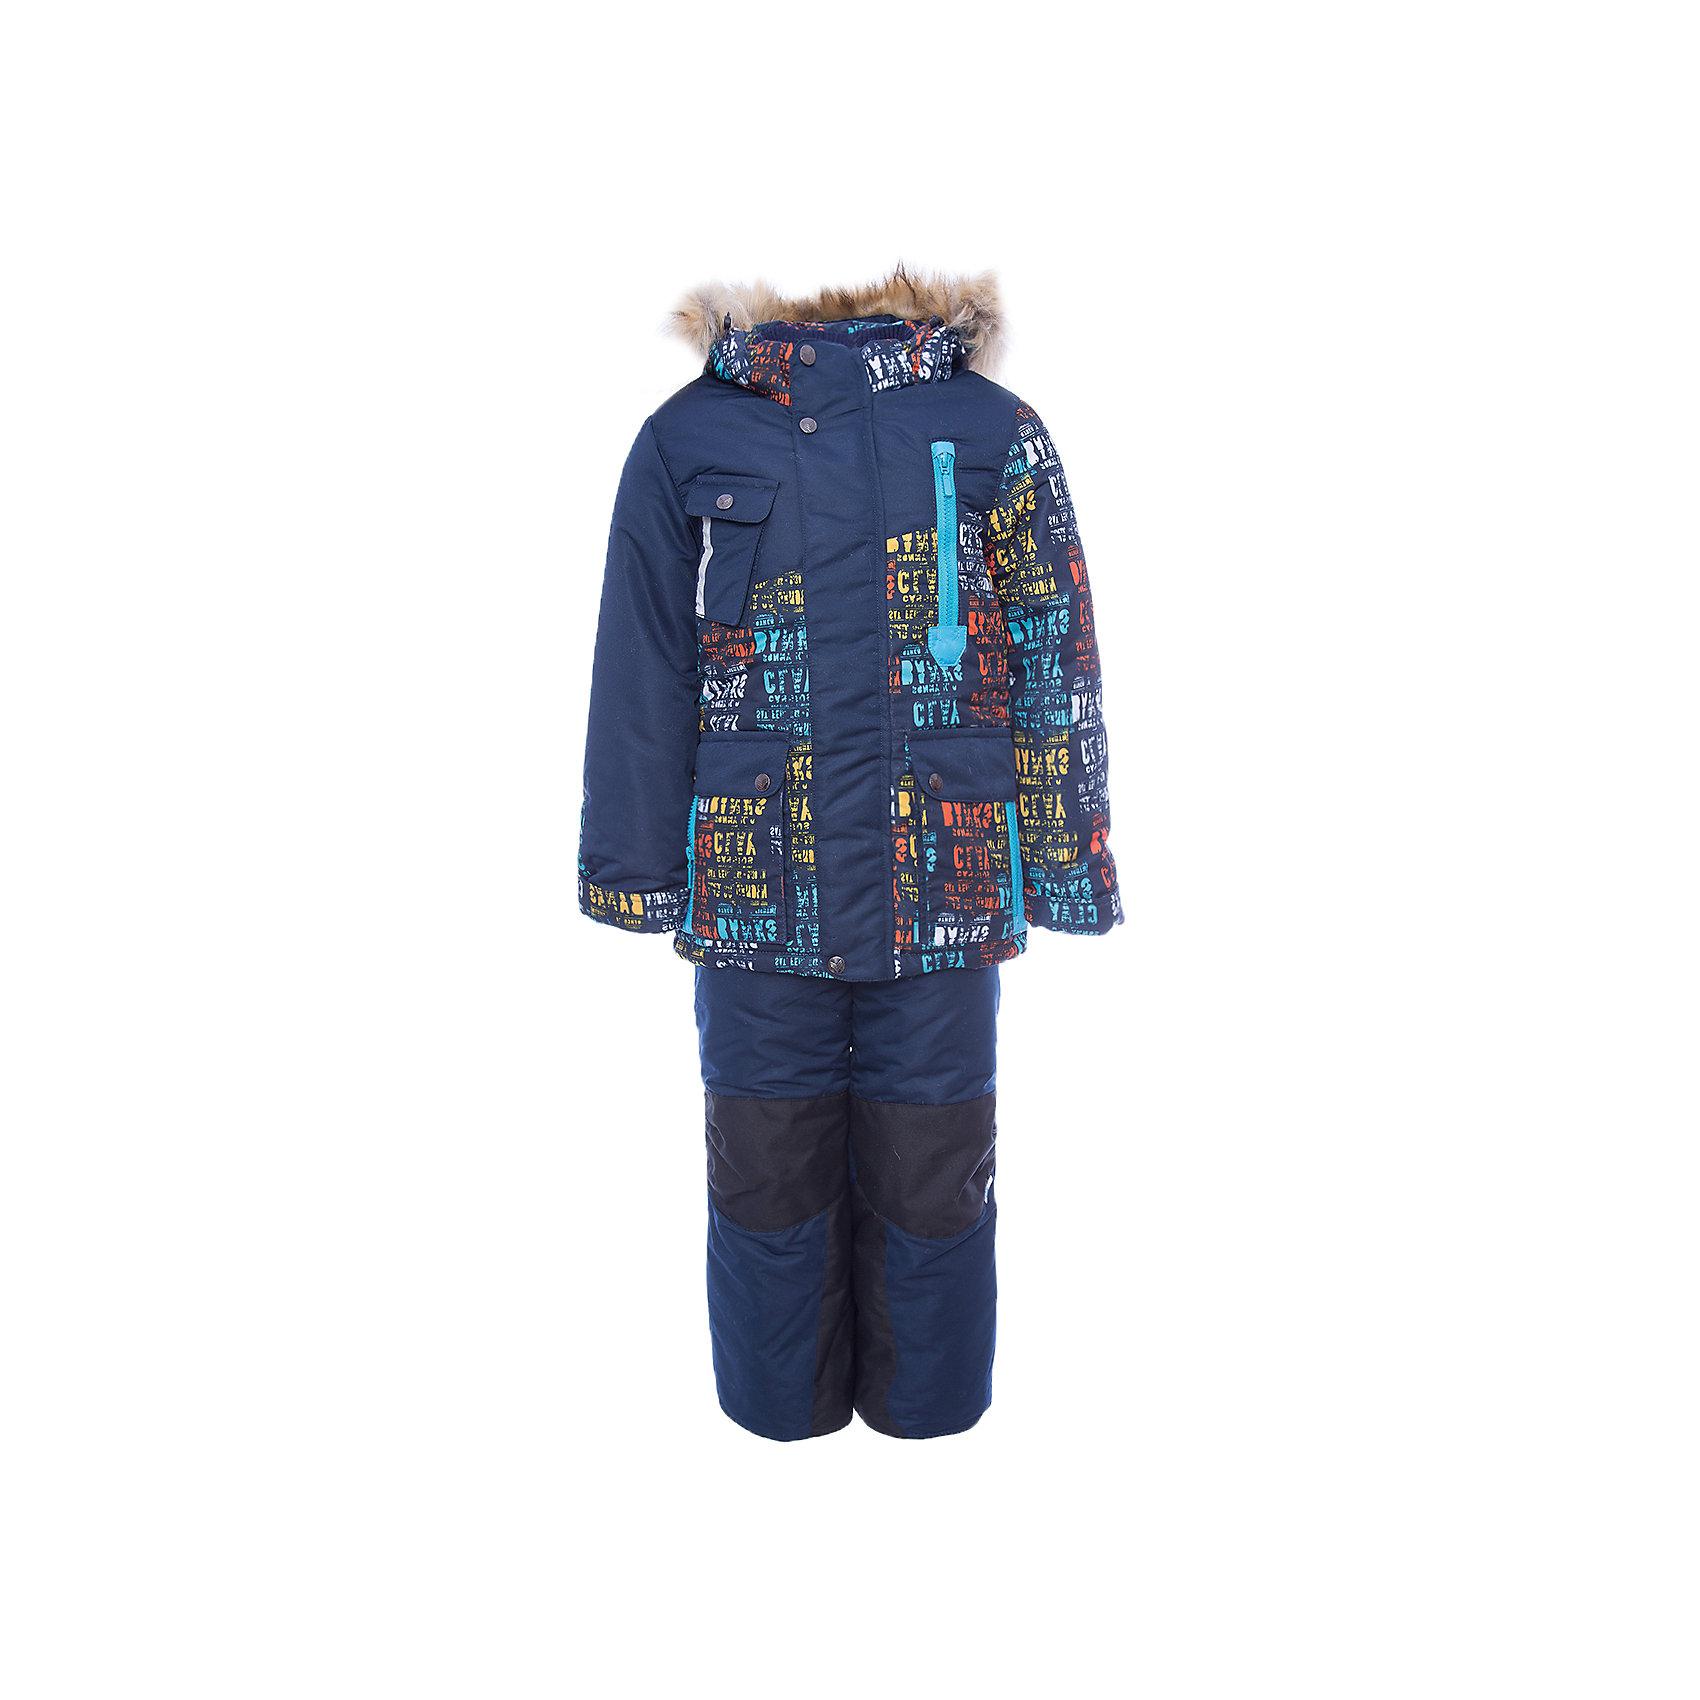 Комплект: куртка и полукомбинезон Ян OLDOS для мальчикаВерхняя одежда<br>Характеристики товара:<br><br>• цвет: синий<br>• комплектация: куртка и полукомбинезон<br>• состав ткани: 100% полиэстер, пропитка PU, Teflon<br>• подкладка: флис, полиэстер<br>• утеплитель: Hollofan 250/200 г/м2<br>• подстежка: 60% шерсть, 40% полиэстер<br>• сезон: зима<br>• температурный режим: от -35 до 0<br>• застежка: молния<br>• капюшон: с мехом, съемный<br>• подстежка в комплекте<br>• страна бренда: Россия<br>• страна изготовитель: Россия<br><br>Модный детский комплект обеспечит тепло и комфорт даже в сильные холода, этот зимний костюм сделан из качественных материалов. Зимний комплект для мальчика дополнен удобными карманами регулируемыми подтяжками, капюшоном, планкой и внутренней манжетой. Этот костюм для мальчика можно сделать теплее с помощью шерстяной подстежки. <br><br>Комплект: куртка и полукомбинезон Ян Oldos (Олдос) для мальчика можно купить в нашем интернет-магазине.<br><br>Ширина мм: 356<br>Глубина мм: 10<br>Высота мм: 245<br>Вес г: 519<br>Цвет: синий<br>Возраст от месяцев: 96<br>Возраст до месяцев: 108<br>Пол: Мужской<br>Возраст: Детский<br>Размер: 134,104,110,116,122,128<br>SKU: 7016969